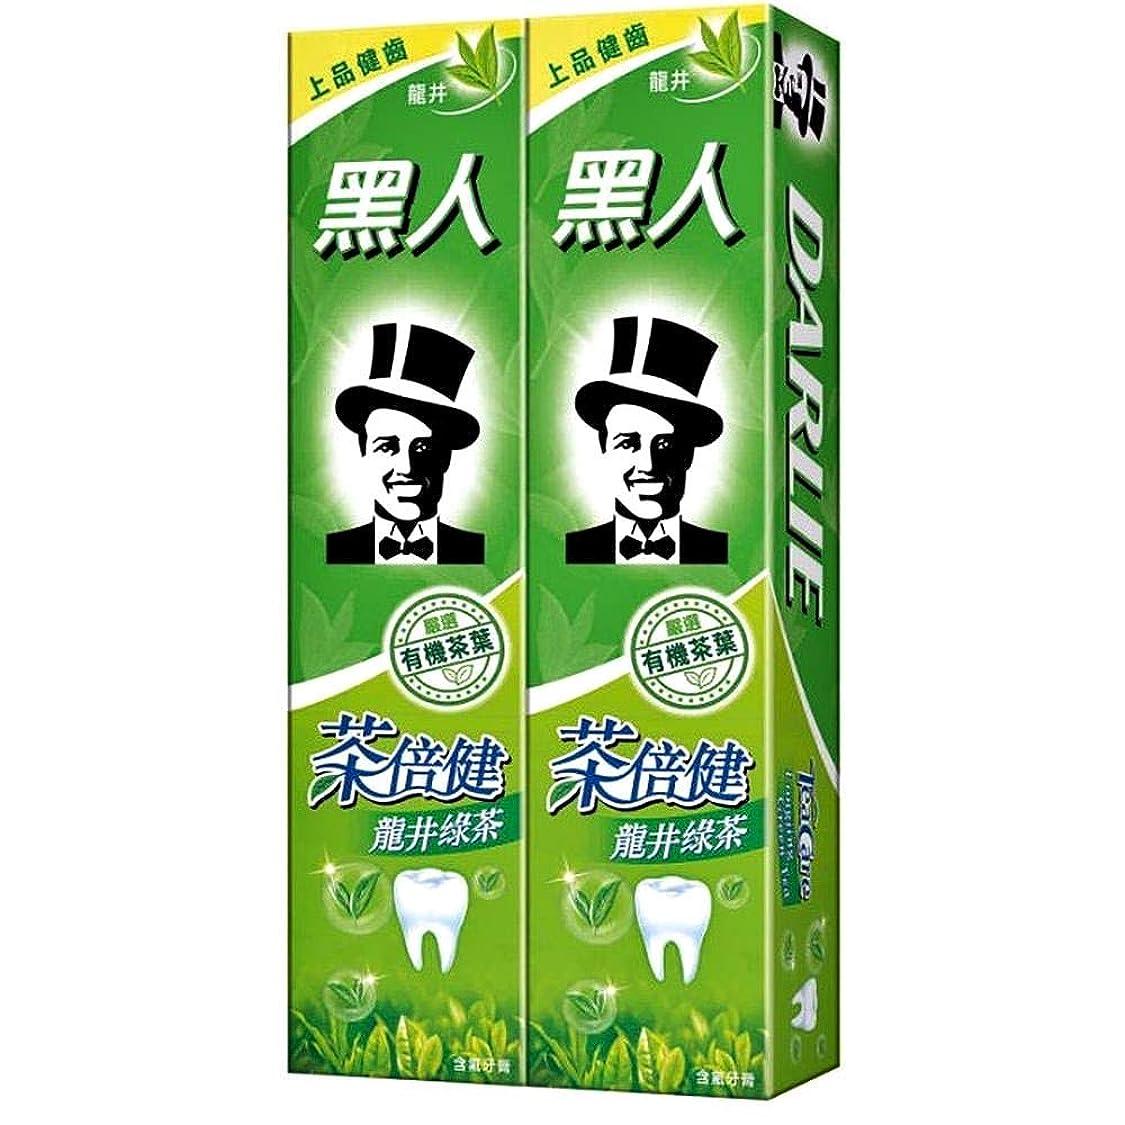 暴君打撃幅黑人 茶倍健 龍井緑茶 緑茶成分歯磨き粉配合160g×2 [並行輸入品]